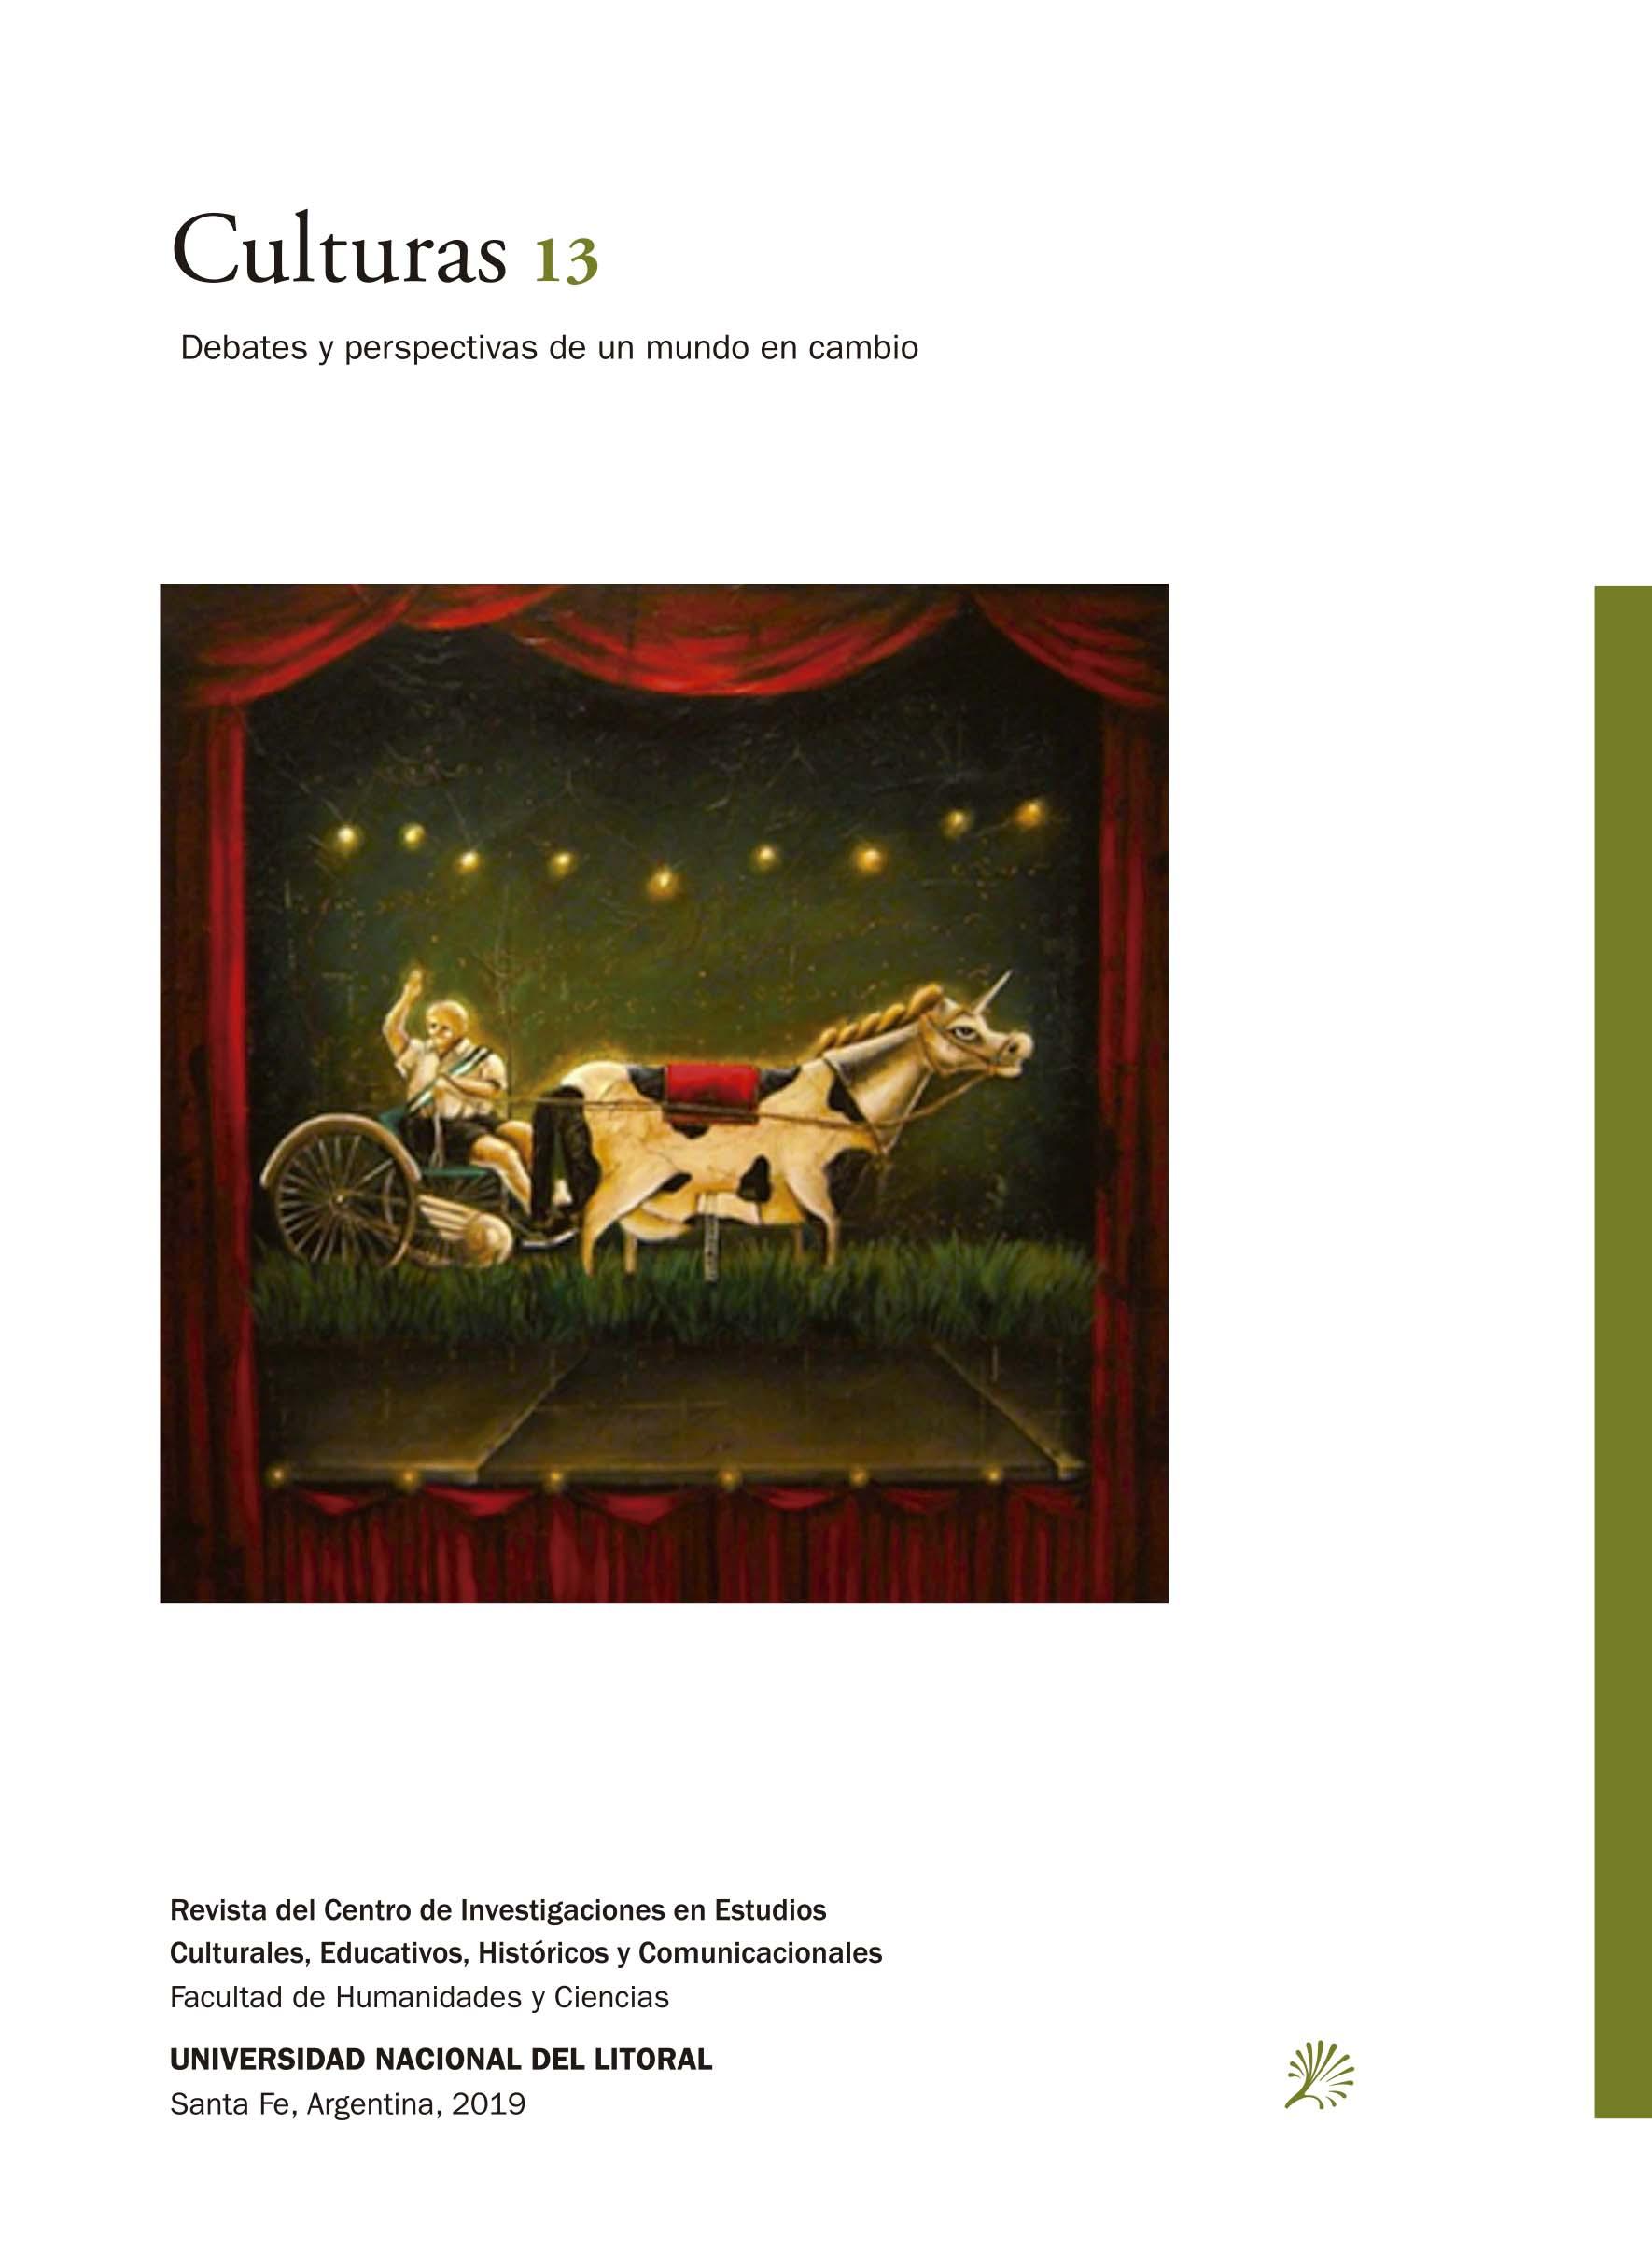 Educando al soberano (la resistencia) por  Ana María Fabry Técnica mixta pintura 2002 Dimensiones: 100 x 100 cm Sede: Casa Central